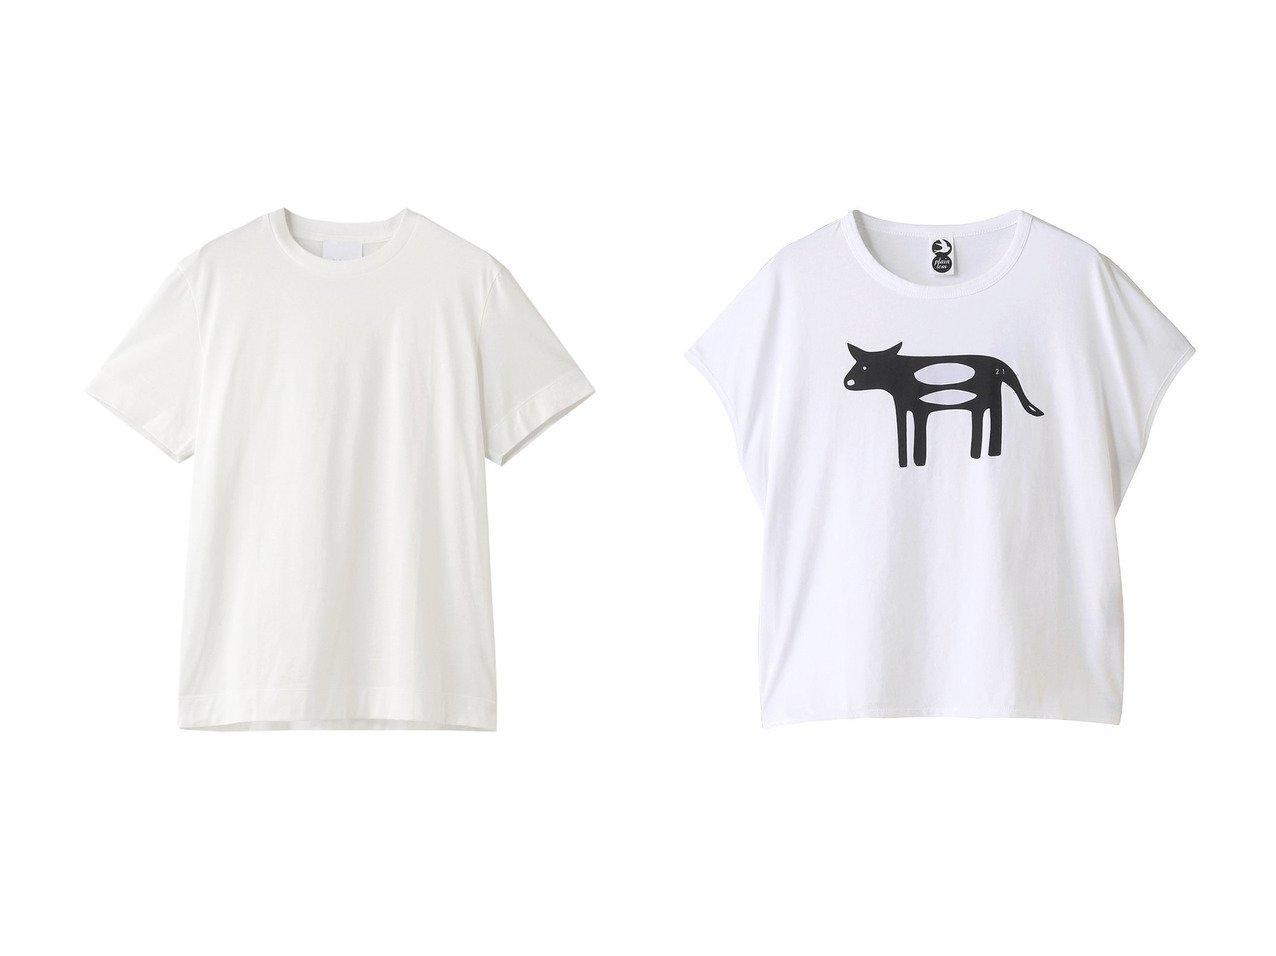 【allureville/アルアバイル】の【SLOANE】Tシャツ&【PLAIN PEOPLE/プレインピープル】の【plainless】プリントノースリーブTシャツ 【トップス・カットソー】おすすめ!人気、トレンド・レディースファッションの通販  おすすめで人気の流行・トレンド、ファッションの通販商品 メンズファッション・キッズファッション・インテリア・家具・レディースファッション・服の通販 founy(ファニー) https://founy.com/ ファッション Fashion レディースファッション WOMEN トップス・カットソー Tops/Tshirt シャツ/ブラウス Shirts/Blouses ロング / Tシャツ T-Shirts カットソー Cut and Sewn キャミソール / ノースリーブ No Sleeves 2021年 2021 2021春夏・S/S SS/Spring/Summer/2021 S/S・春夏 SS・Spring/Summer ショート シンプル スリーブ 半袖 春 Spring |ID:crp329100000027109